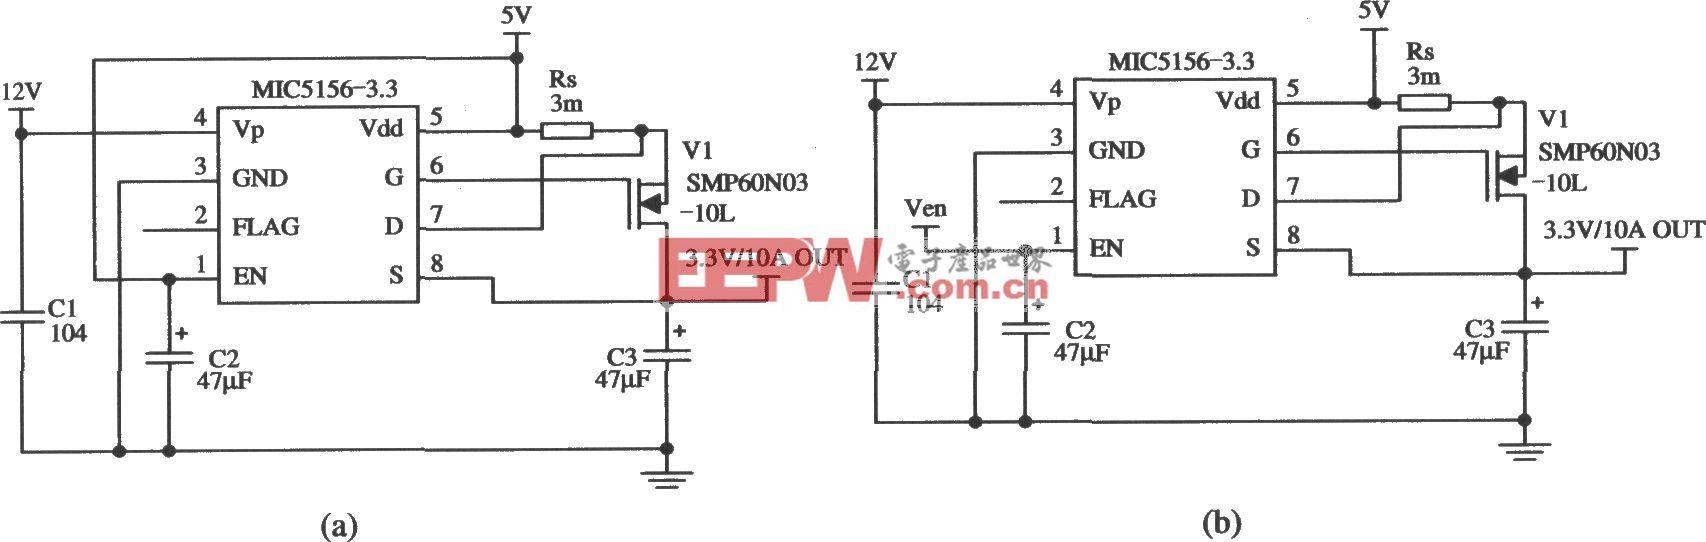 由MIC5156-3.3构成的由5V变为3.3V的稳压器电路